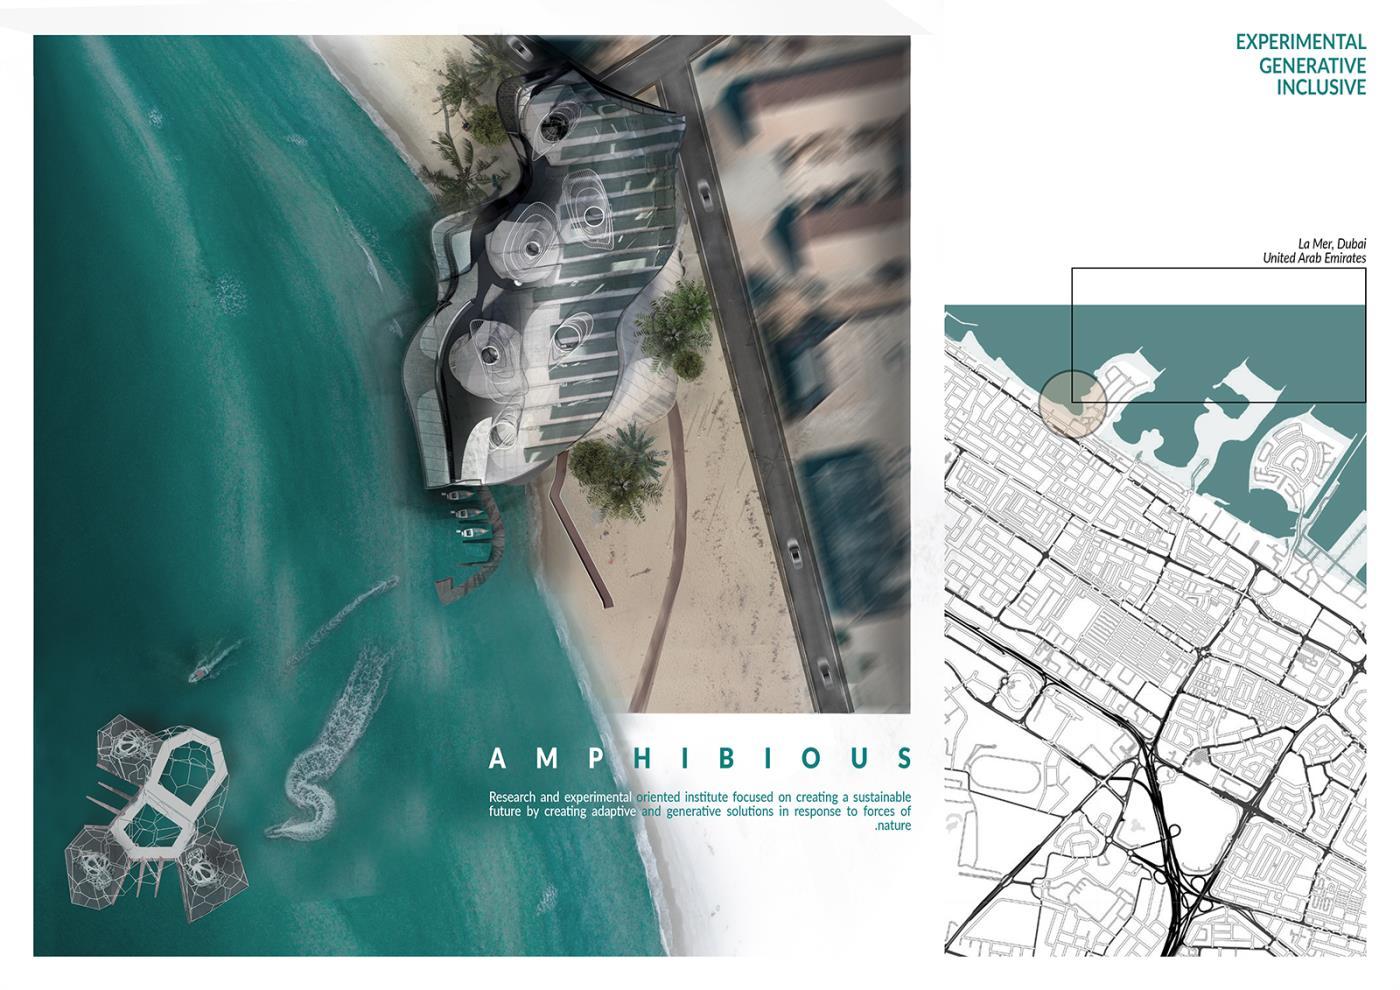 Amphibious Biomimetic Experimental Institute